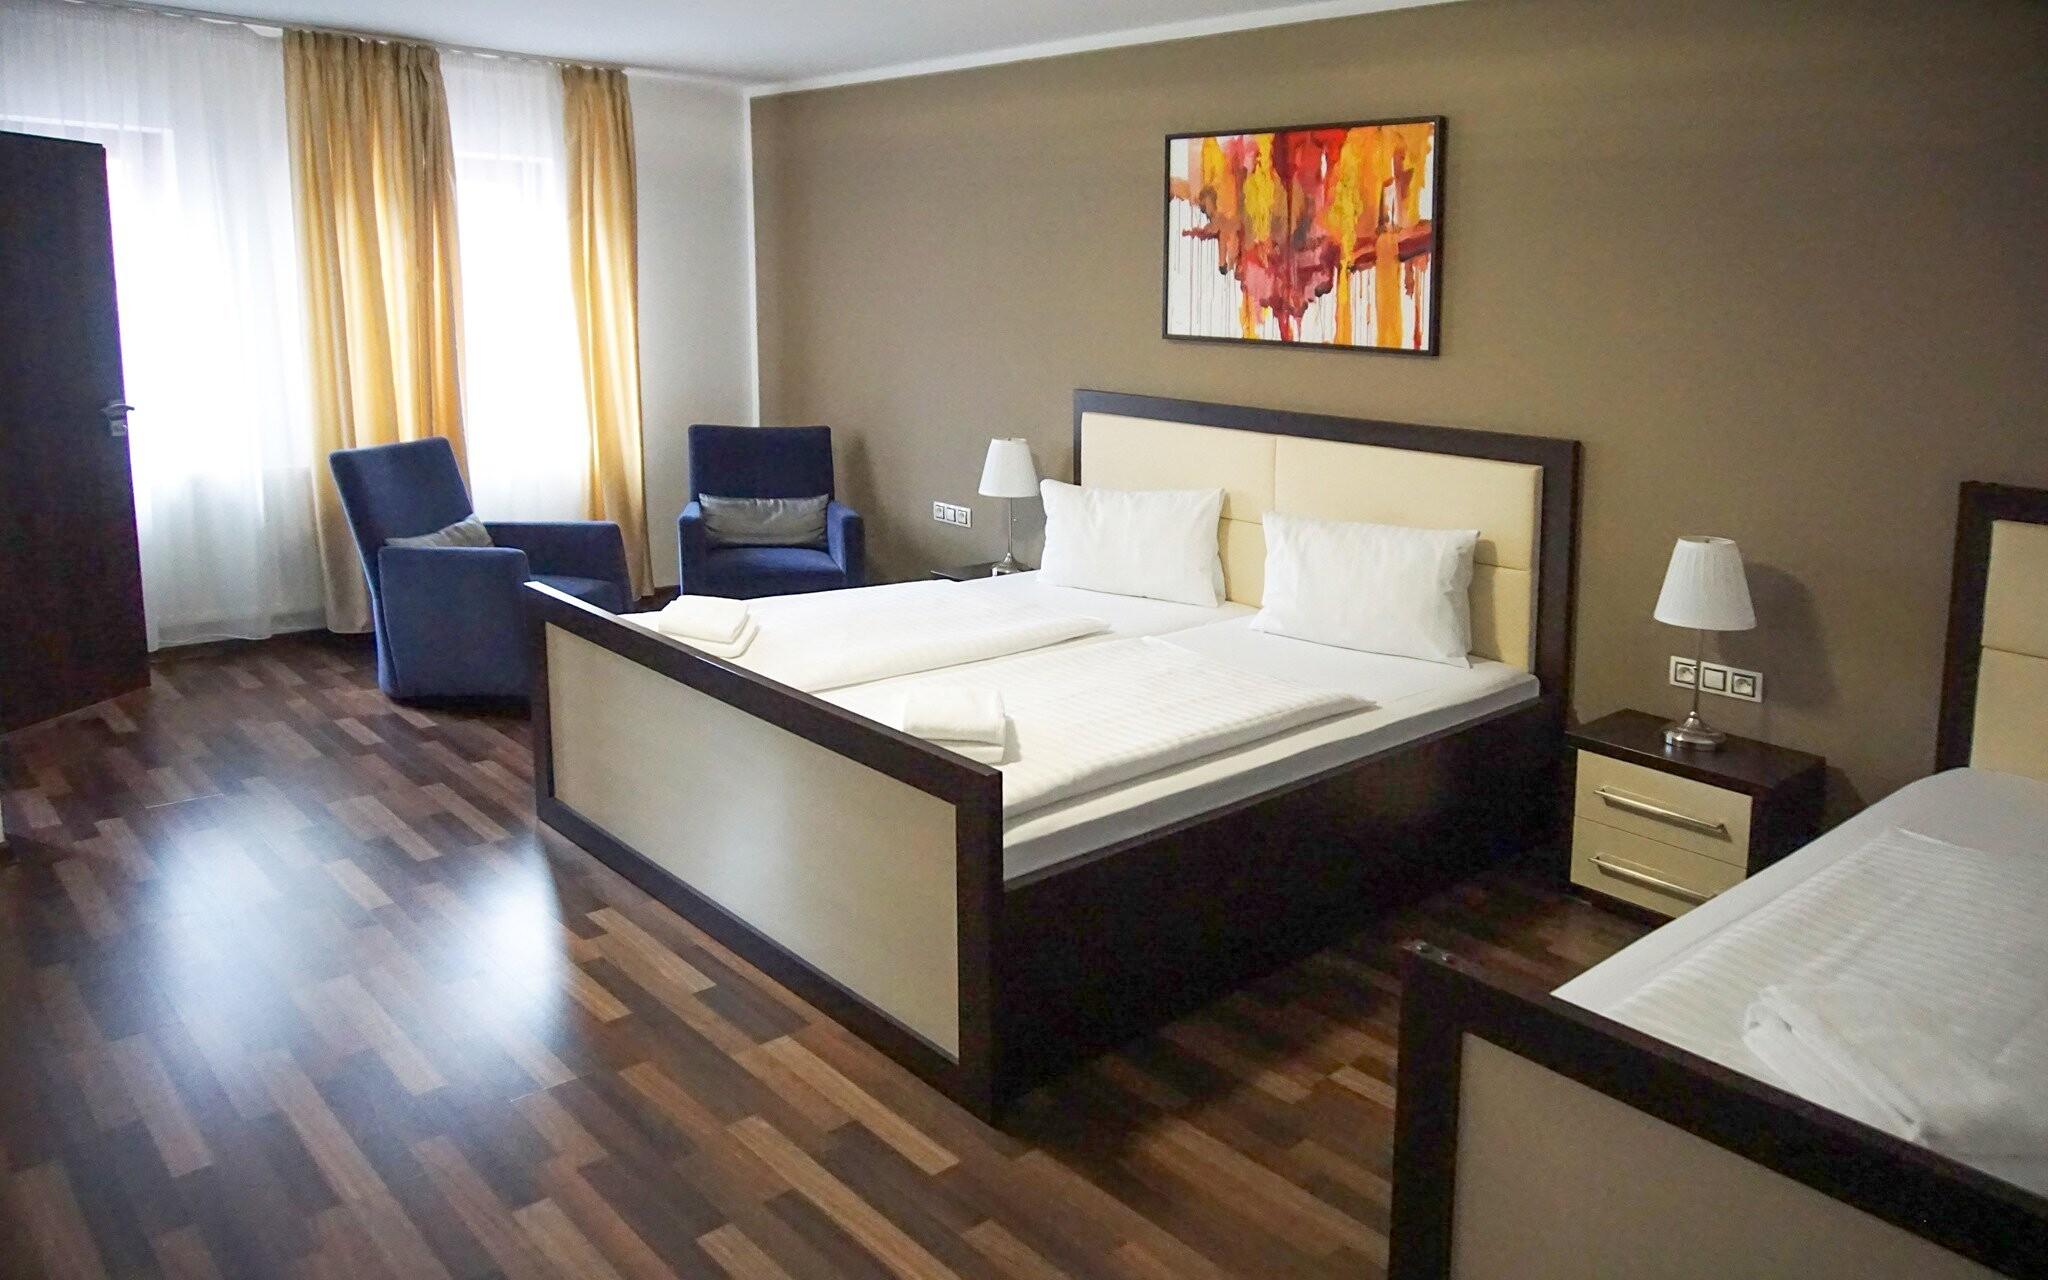 Pokoje Standard jsou komfortní, Hotel Corona, jižní Čechy